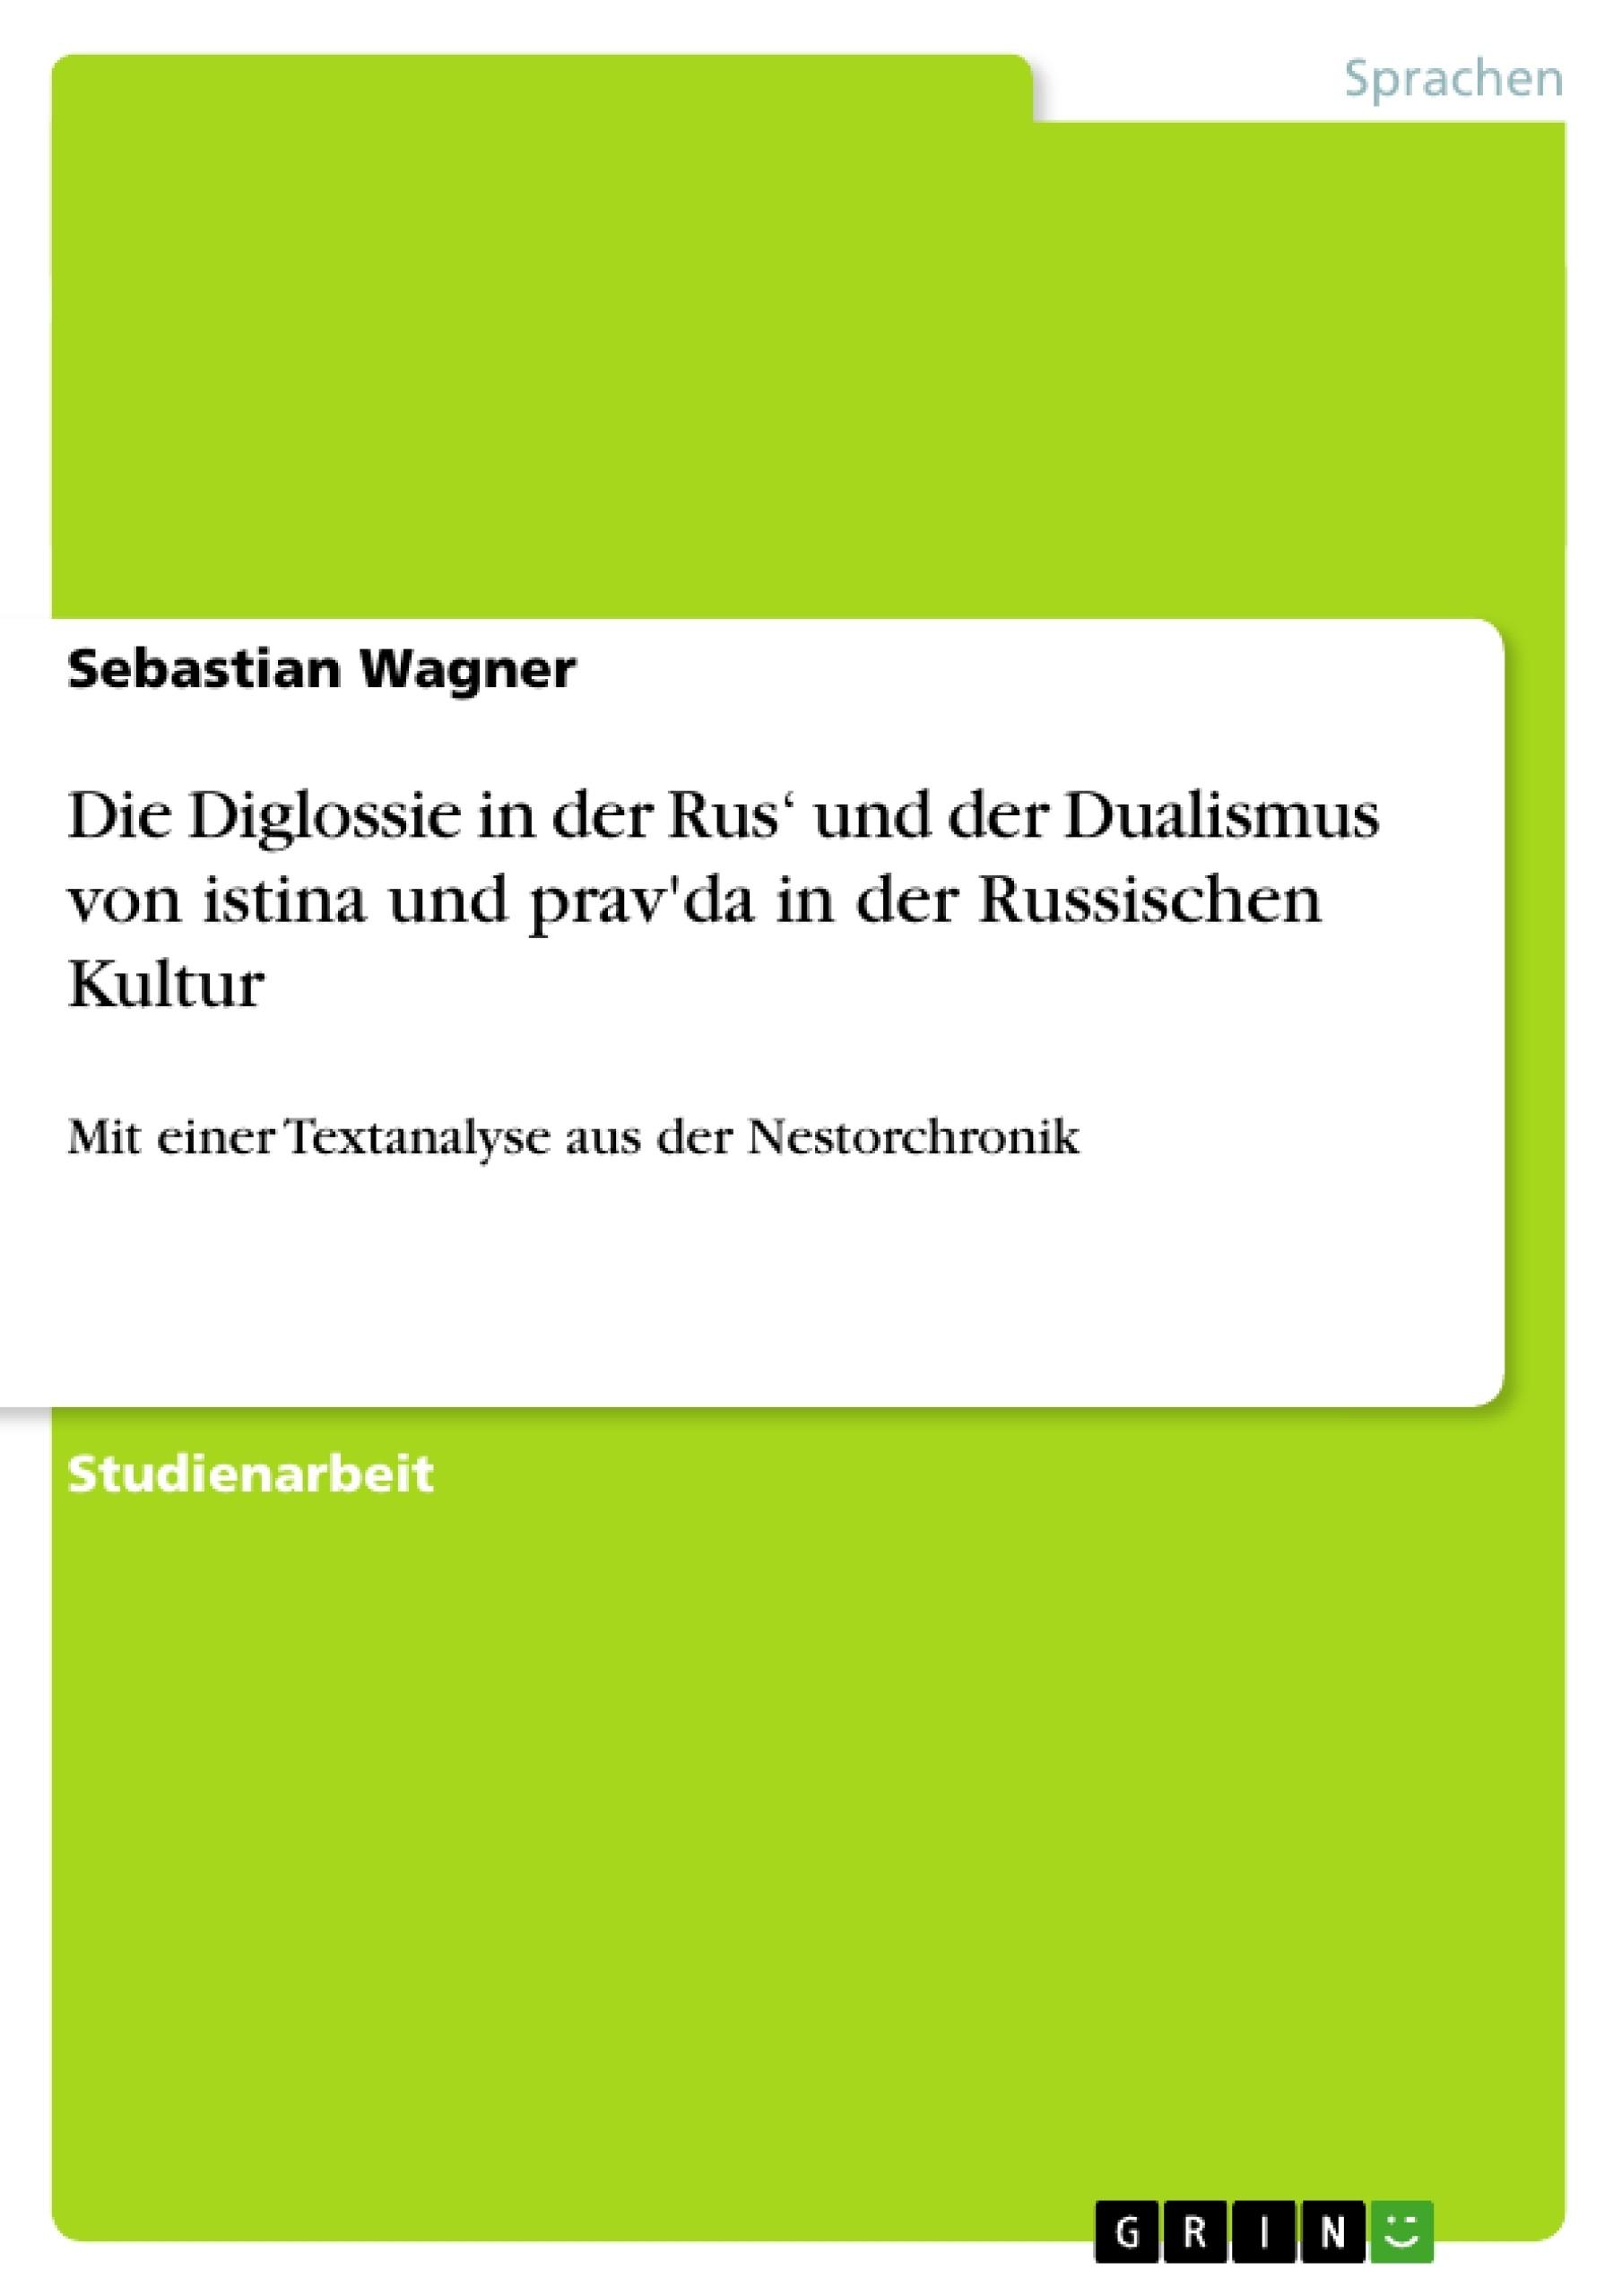 Titel: Die Diglossie in der Rus' und der Dualismus von istina und prav'da in der Russischen Kultur